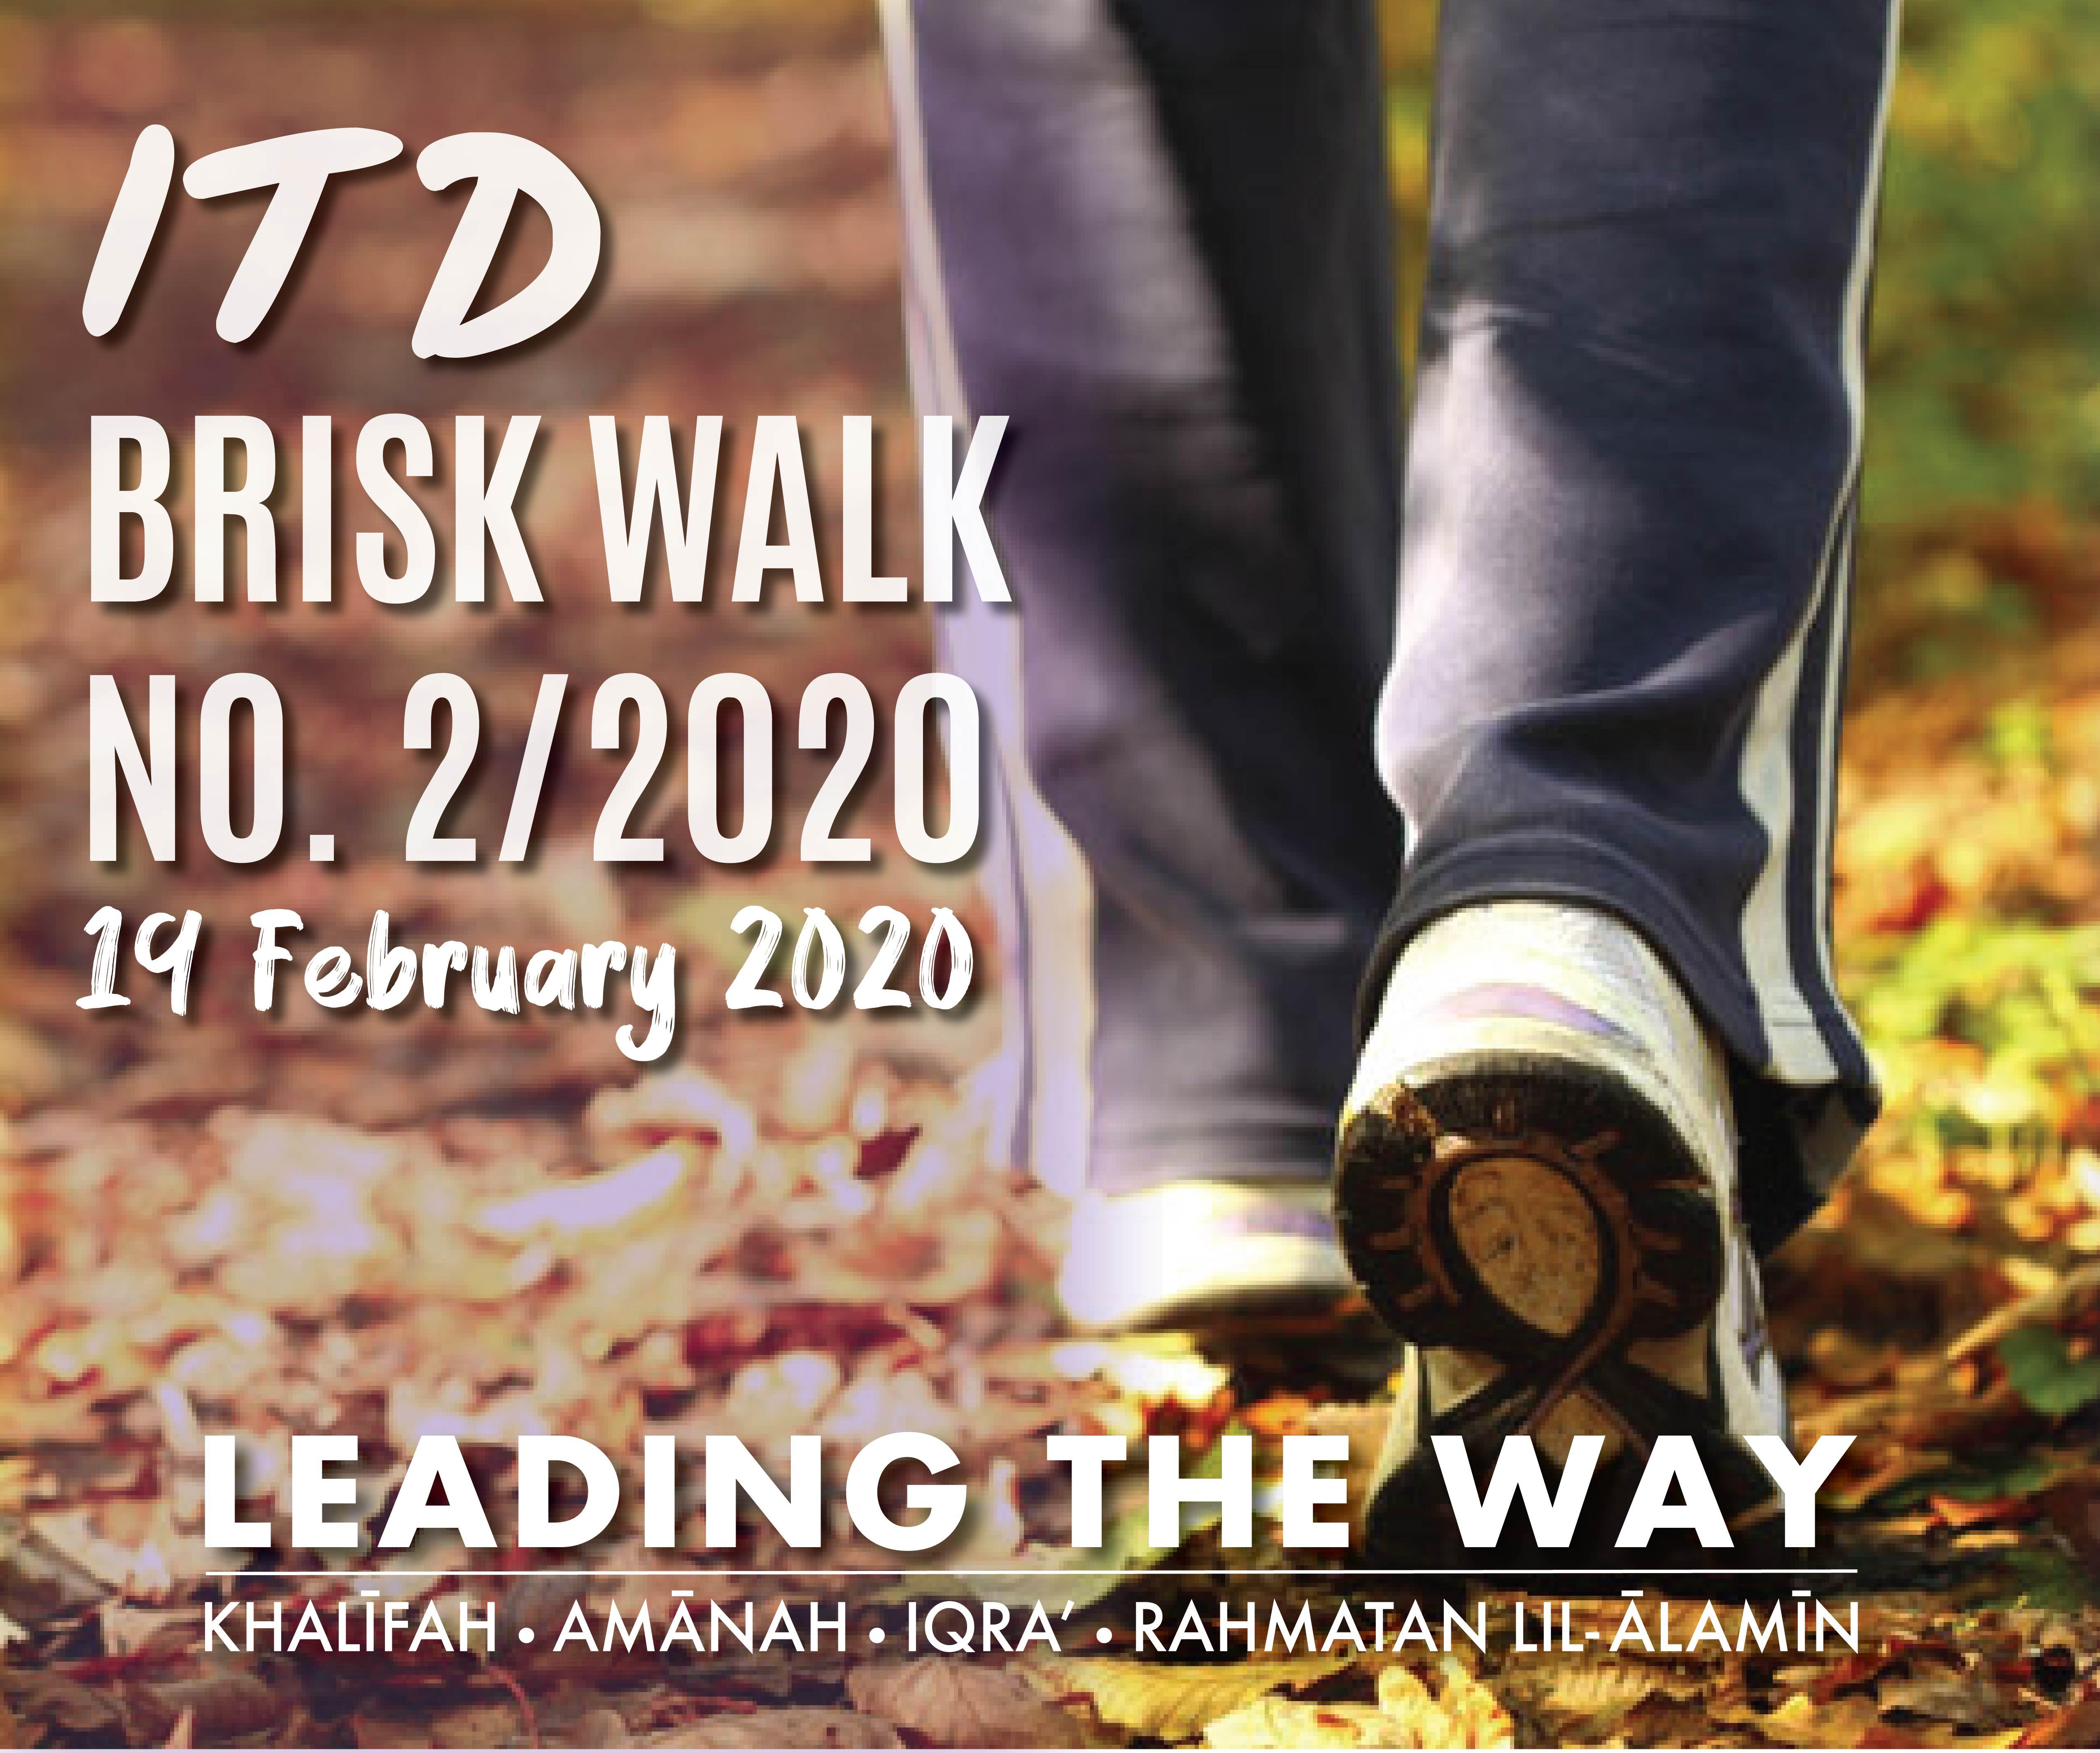 ITD Brisk Walk No.2/2020